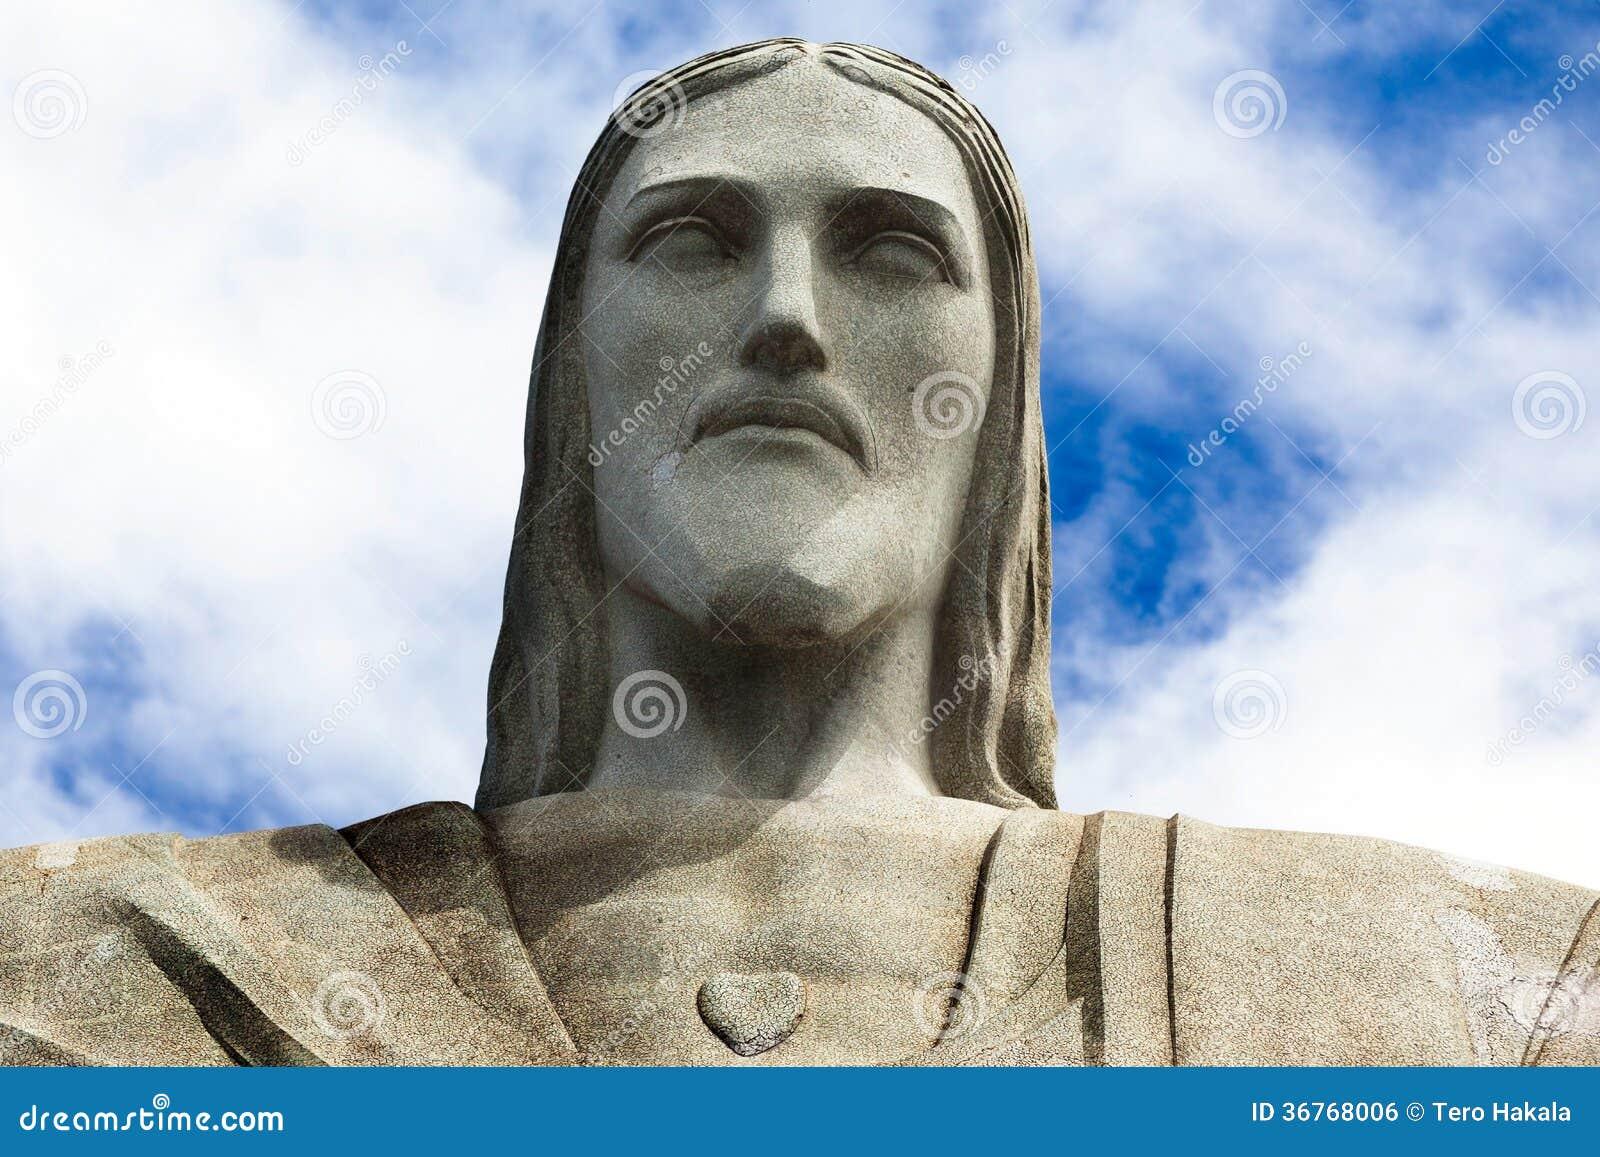 Gesicht der Statue von Christus der Erlöser in Rio de Janeiro